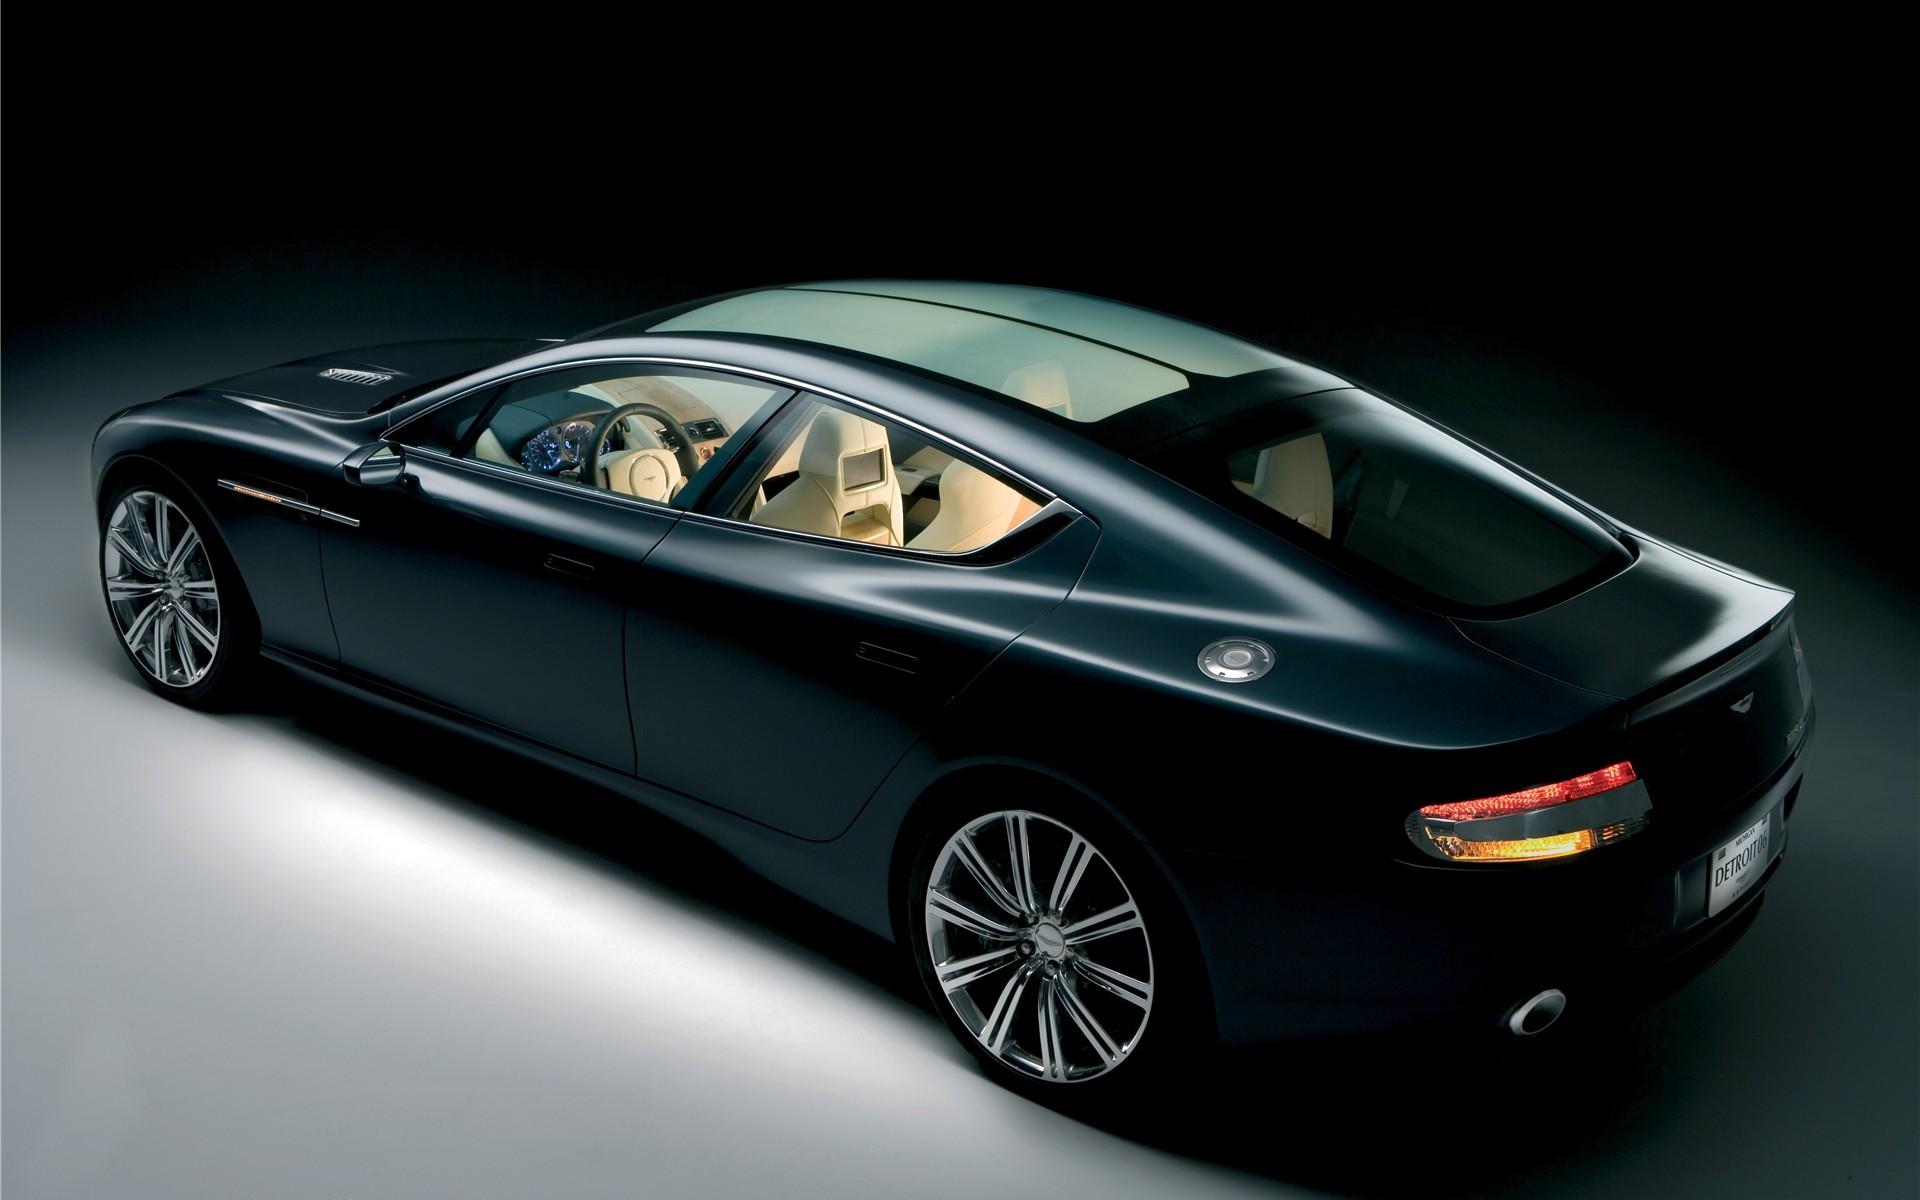 28162 скачать обои Транспорт, Машины, Астон Мартин (Aston Martin) - заставки и картинки бесплатно